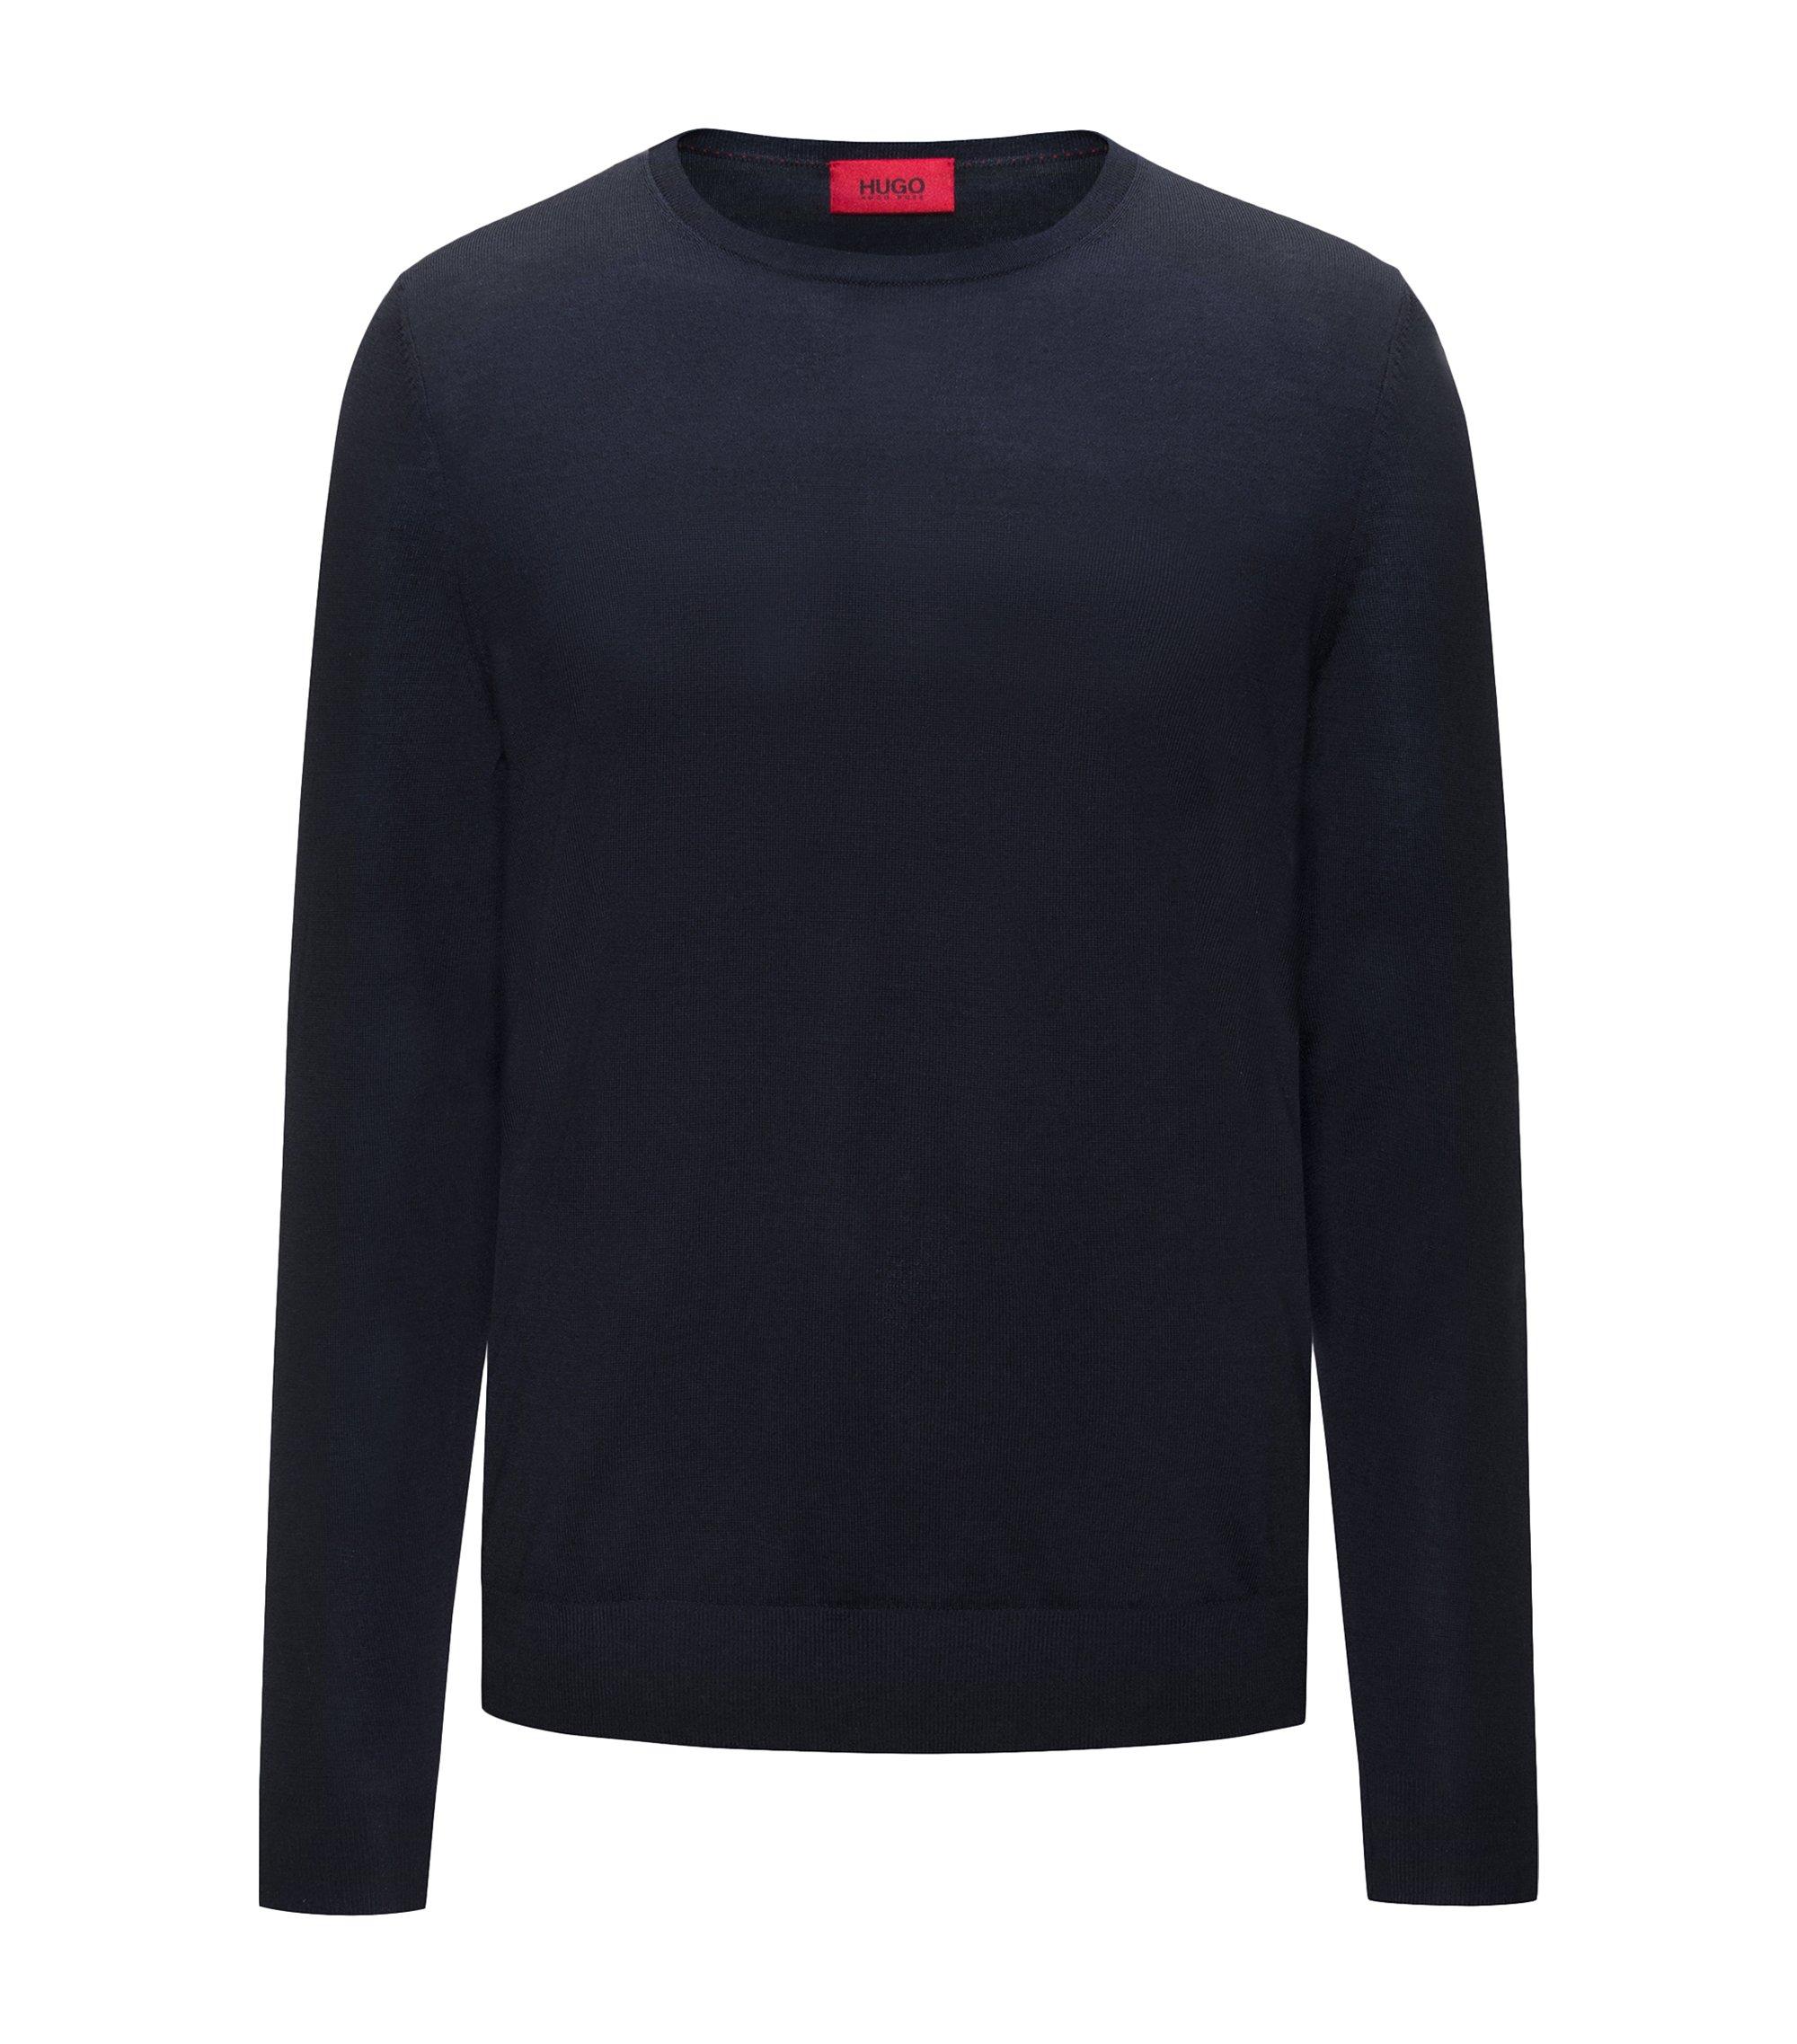 Maglione a girocollo in leggero misto lana merino, Blu scuro